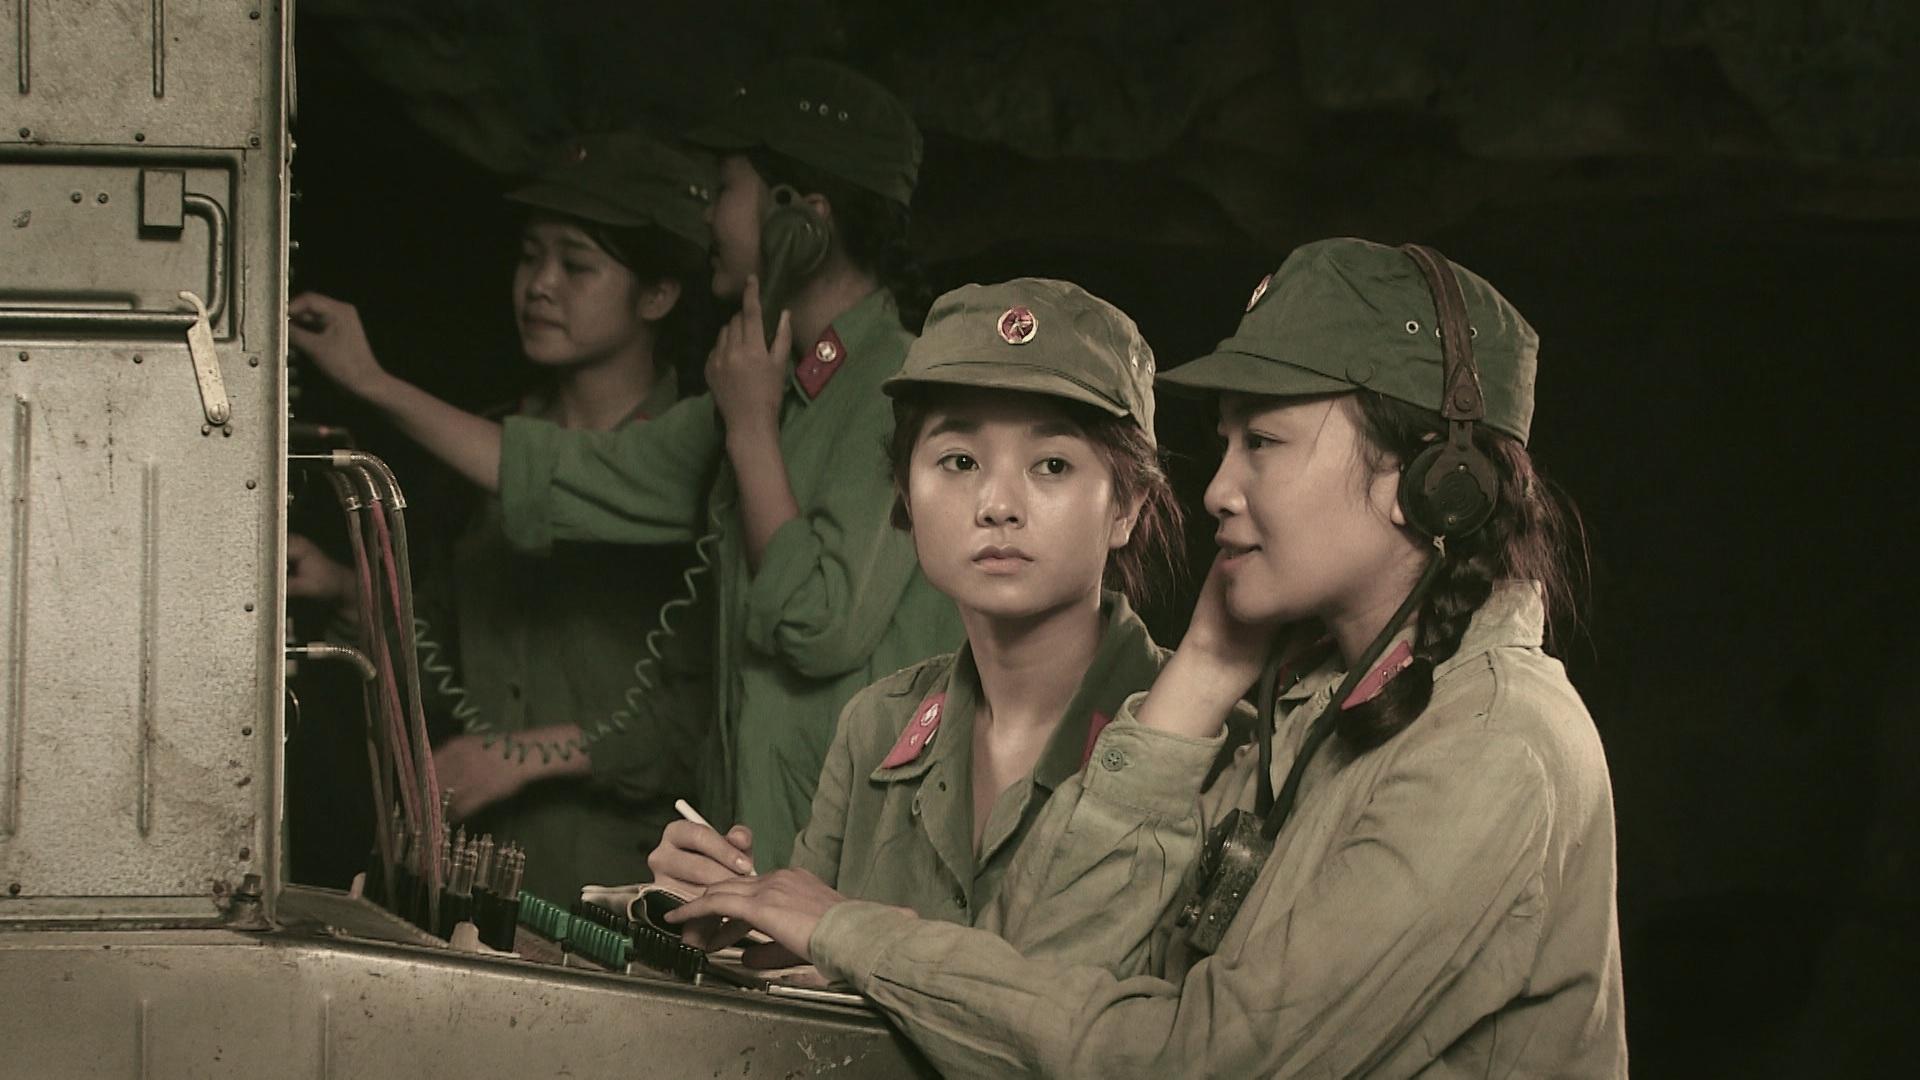 Hình ảnh tái hiện cuộc sống, chiến đấu của các chiến sĩ thông tin - liên lạc. Ảnh: VTV6.